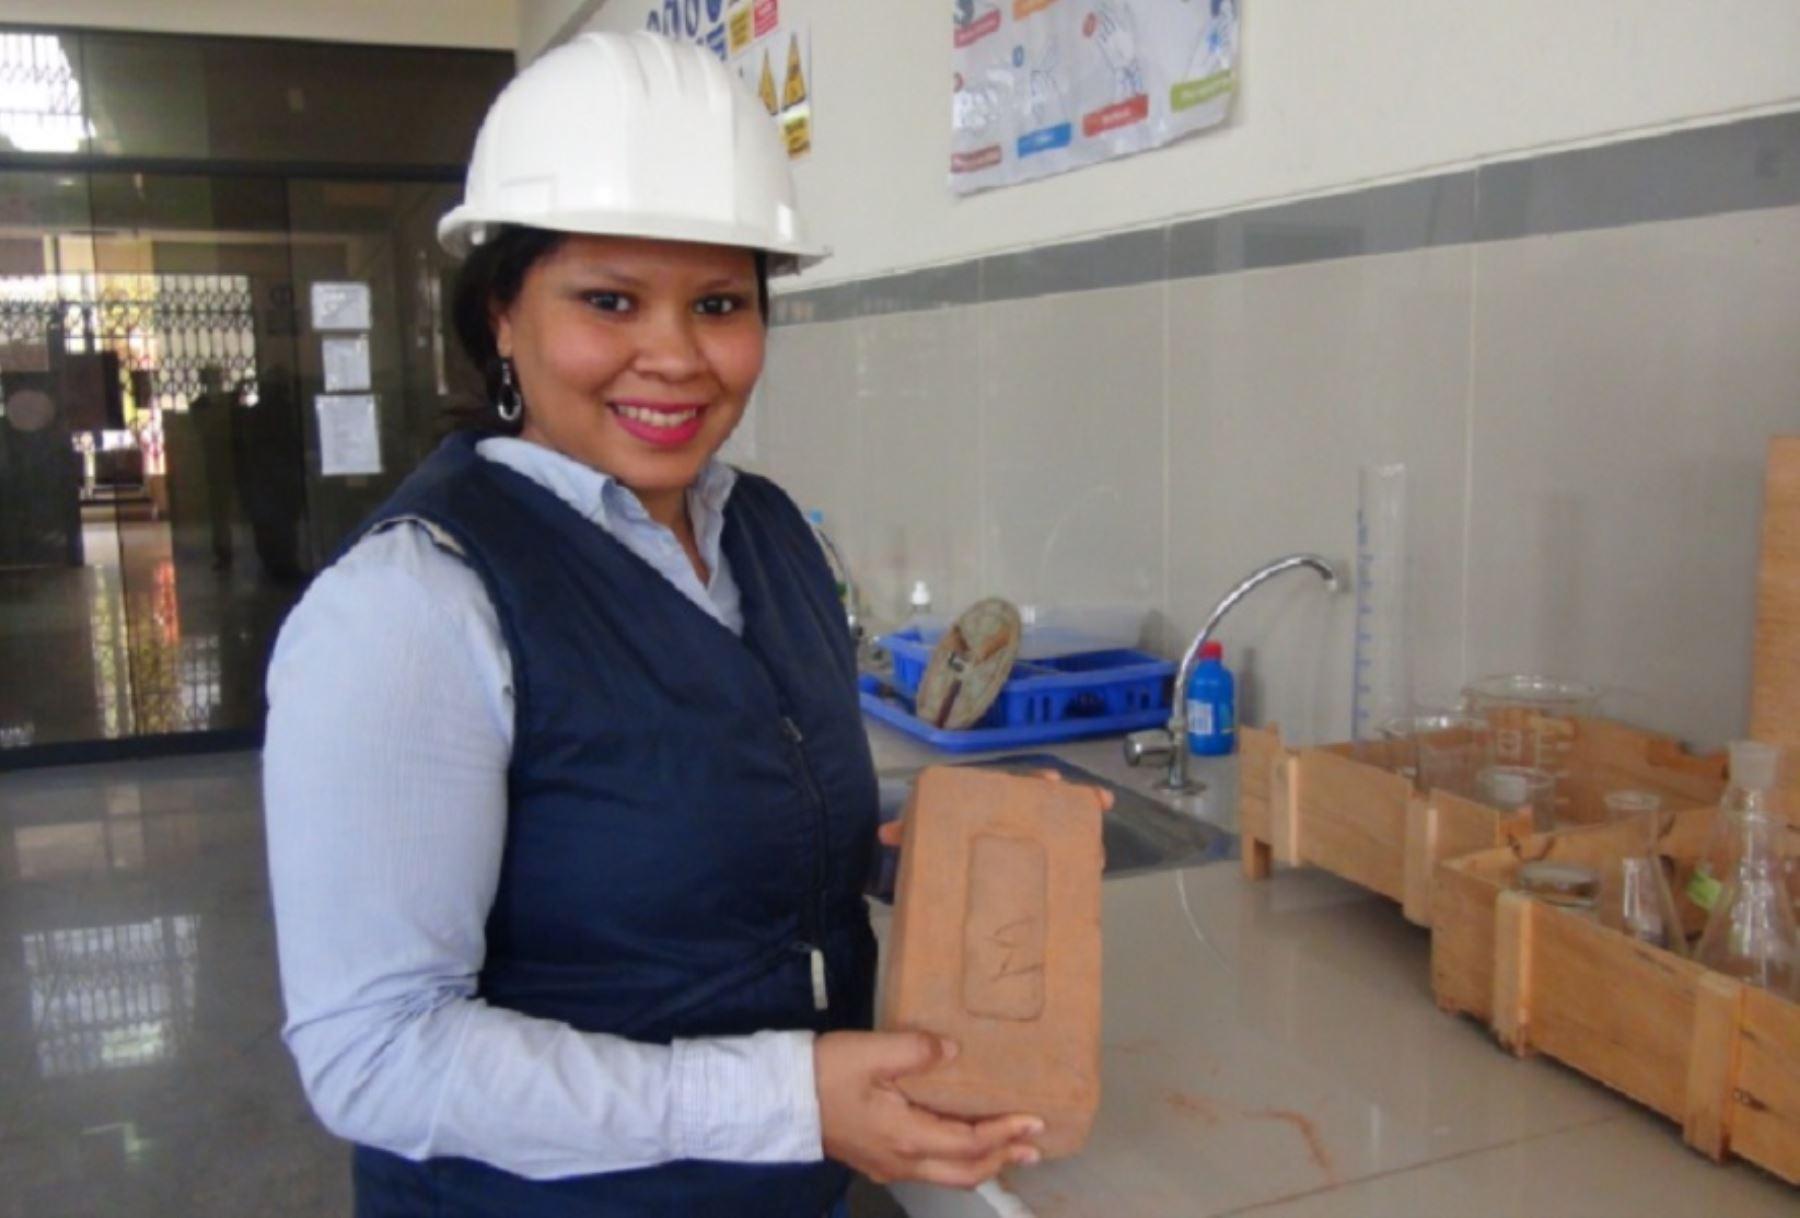 Ingeniera civil Maritza Carolina Zapata Altamirano creó un ladrillo hecho con lodo orgánico extraído de la bahía El Ferrol de Chimbote. La invención le valió la medalla de bronce y dejar en alto al Perú en la Feria Internacional de Invenciones de Corea del Sur-KIWIE 2020.